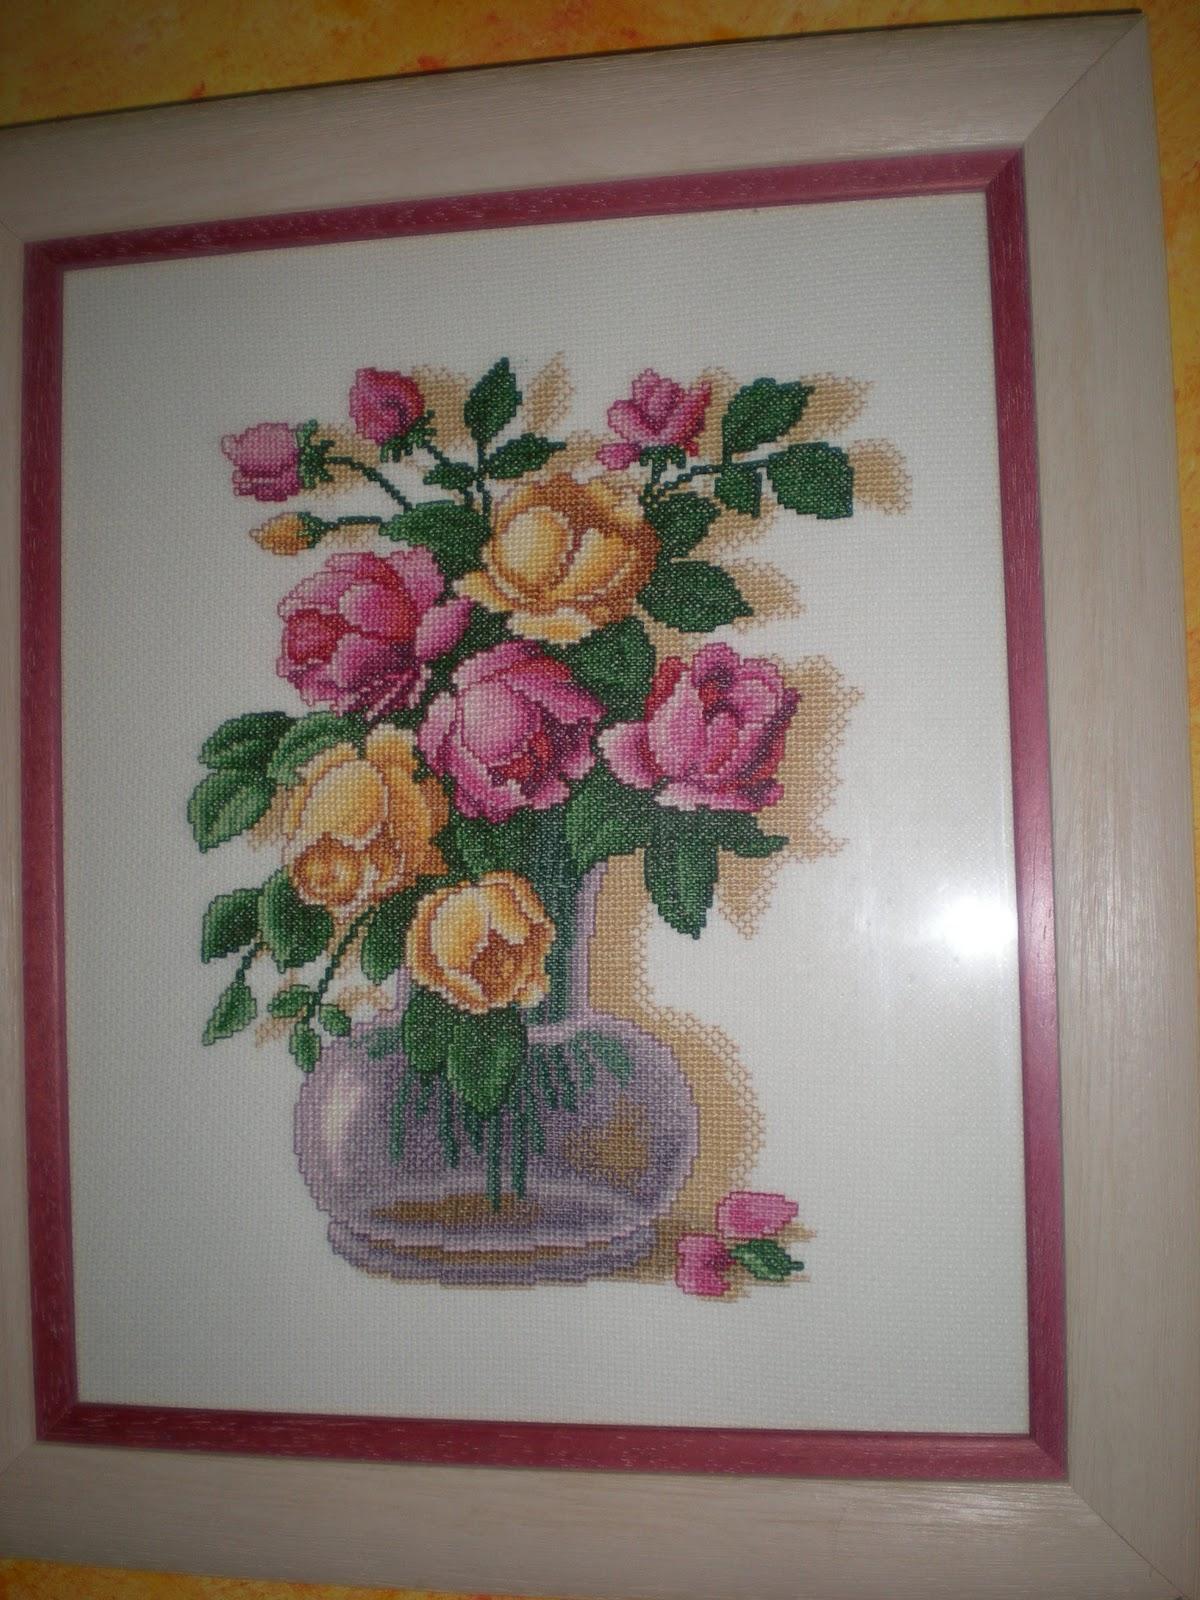 Rosa sobre malva cuadros en punto de cruz for Cuadros cocina punto de cruz